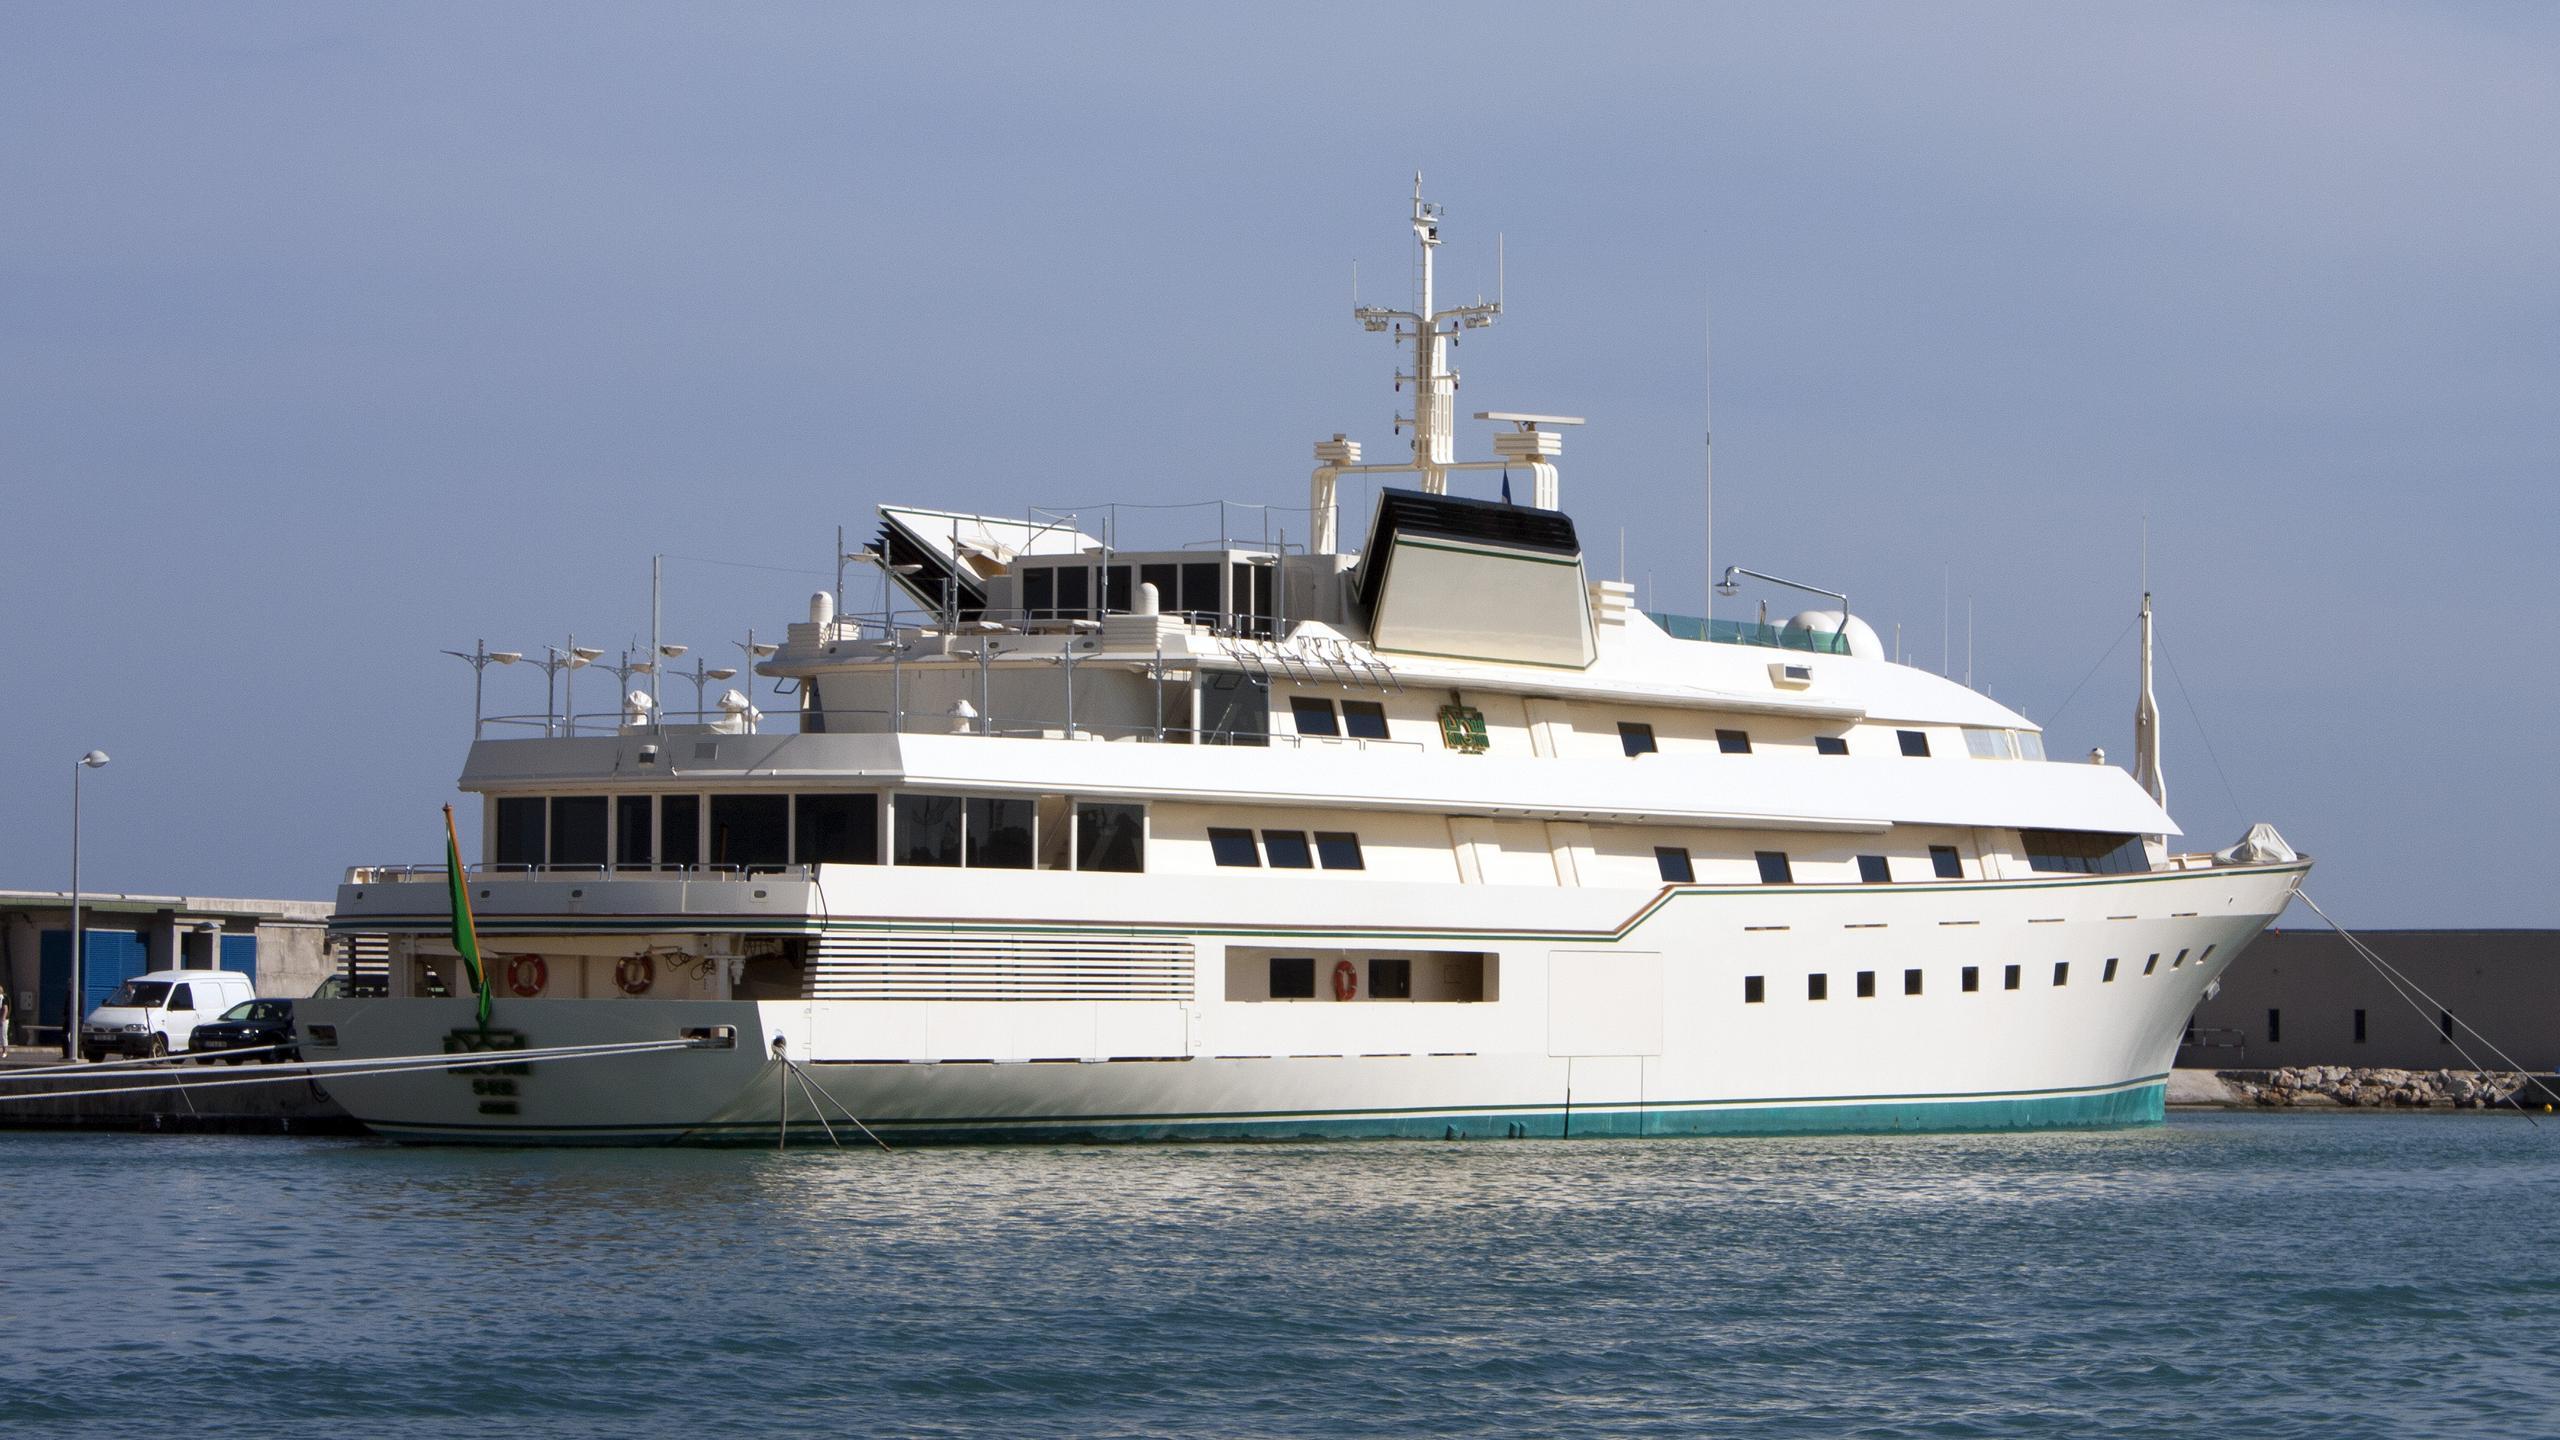 kingdom-5kr-motor-yacht-benetti-1980-86m-rear-profile